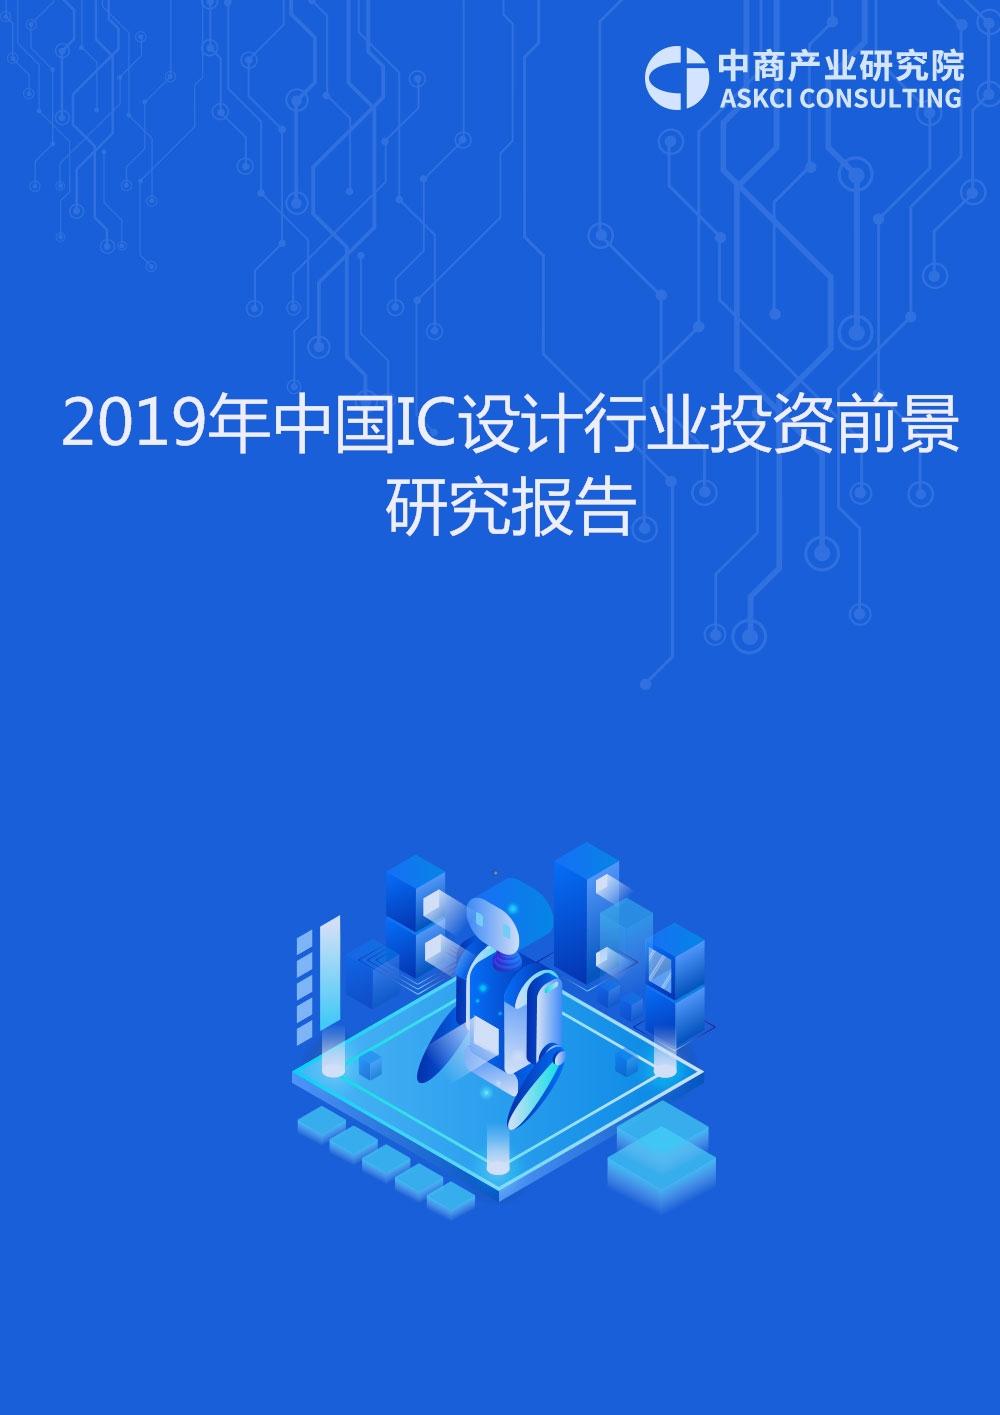 2019年中国IC设计行业投资前景研究报告